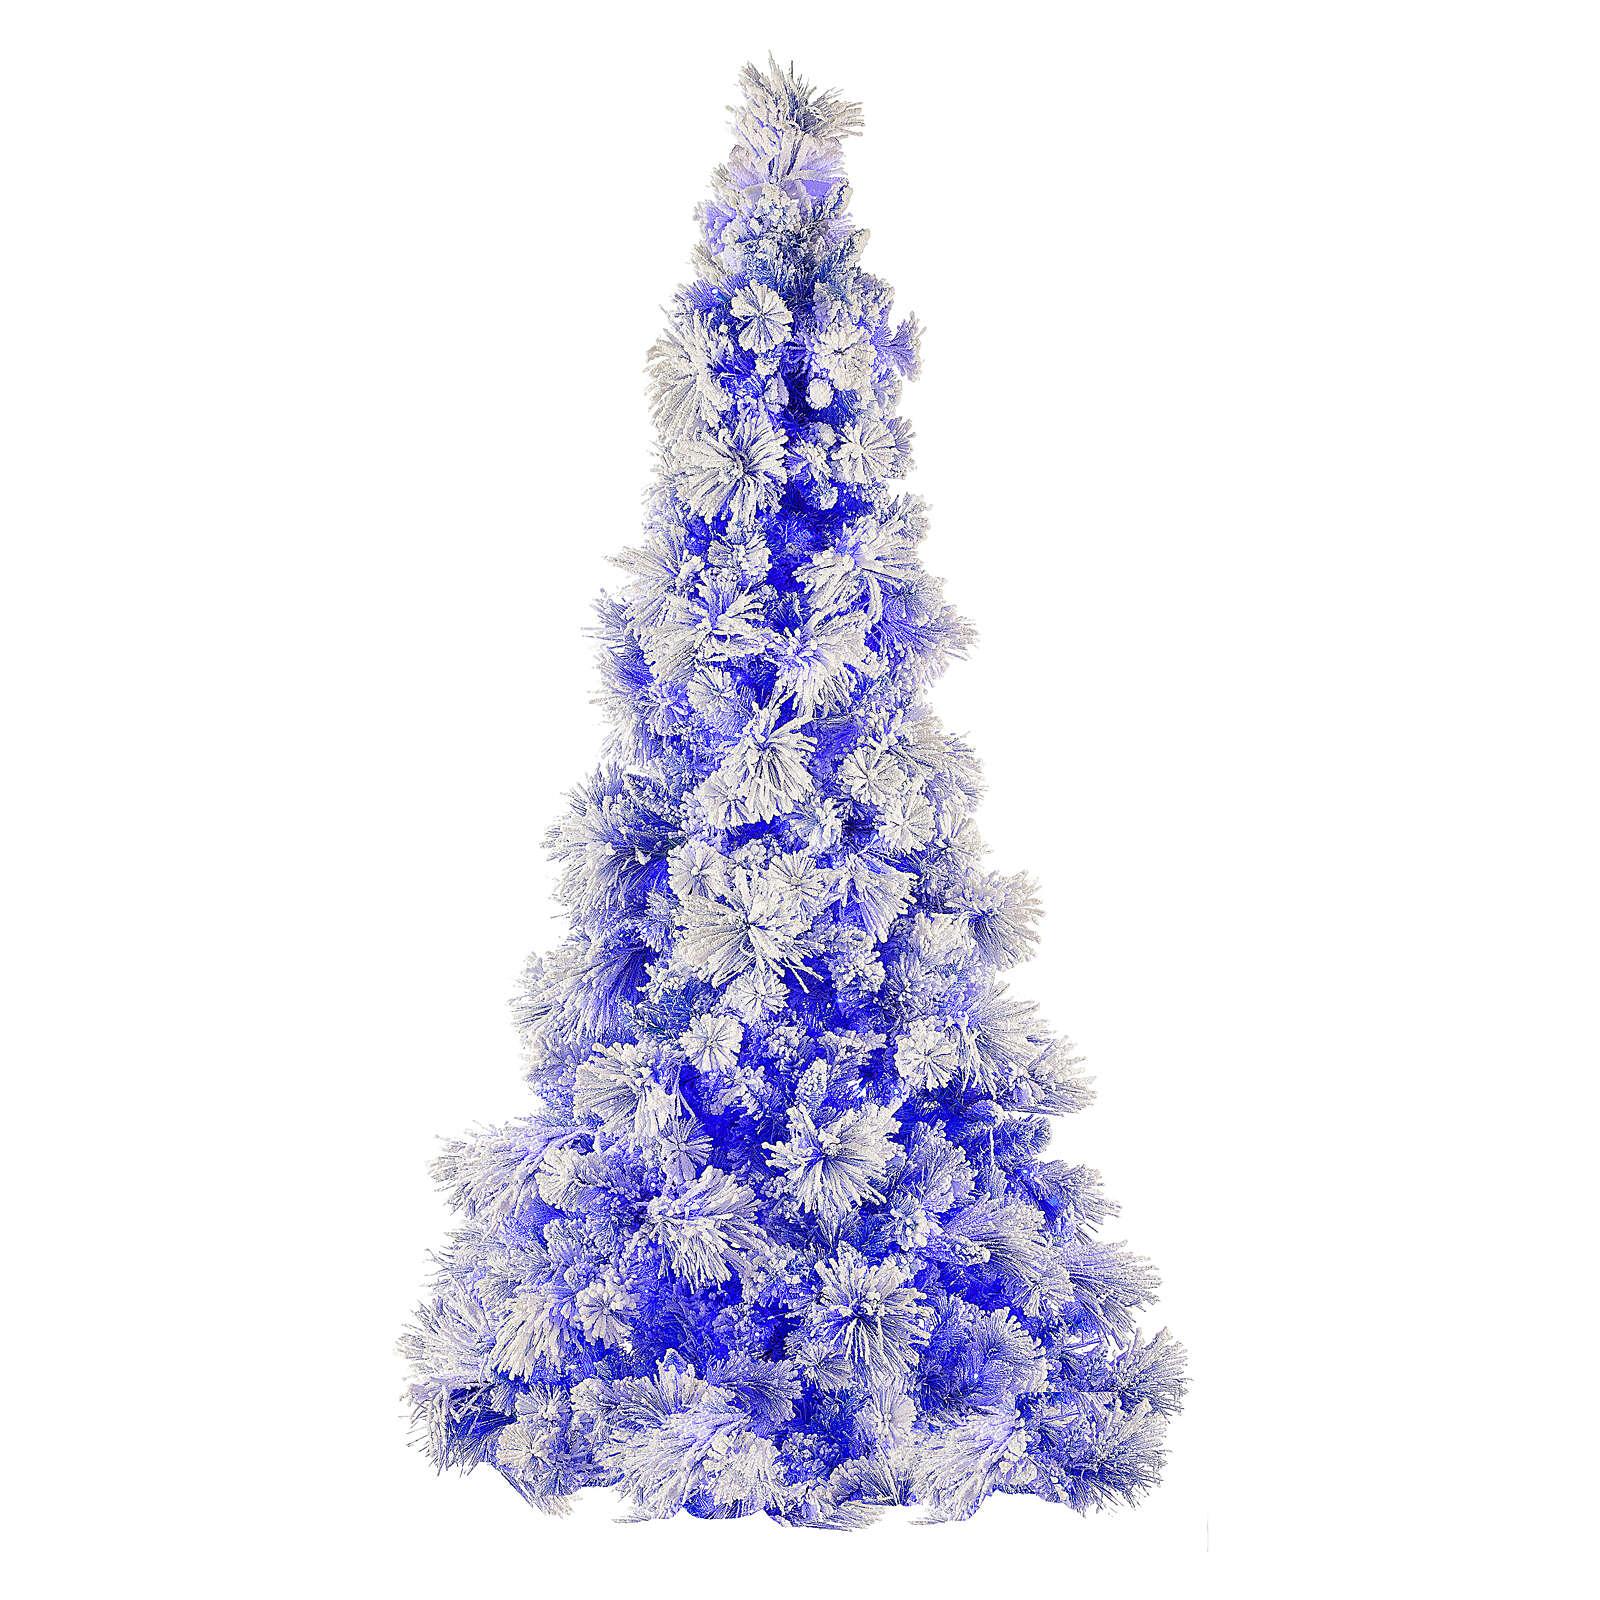 STOCK Sapin de Noël Virginia Blue 230 cm enneigé 400 LED intérieur 3